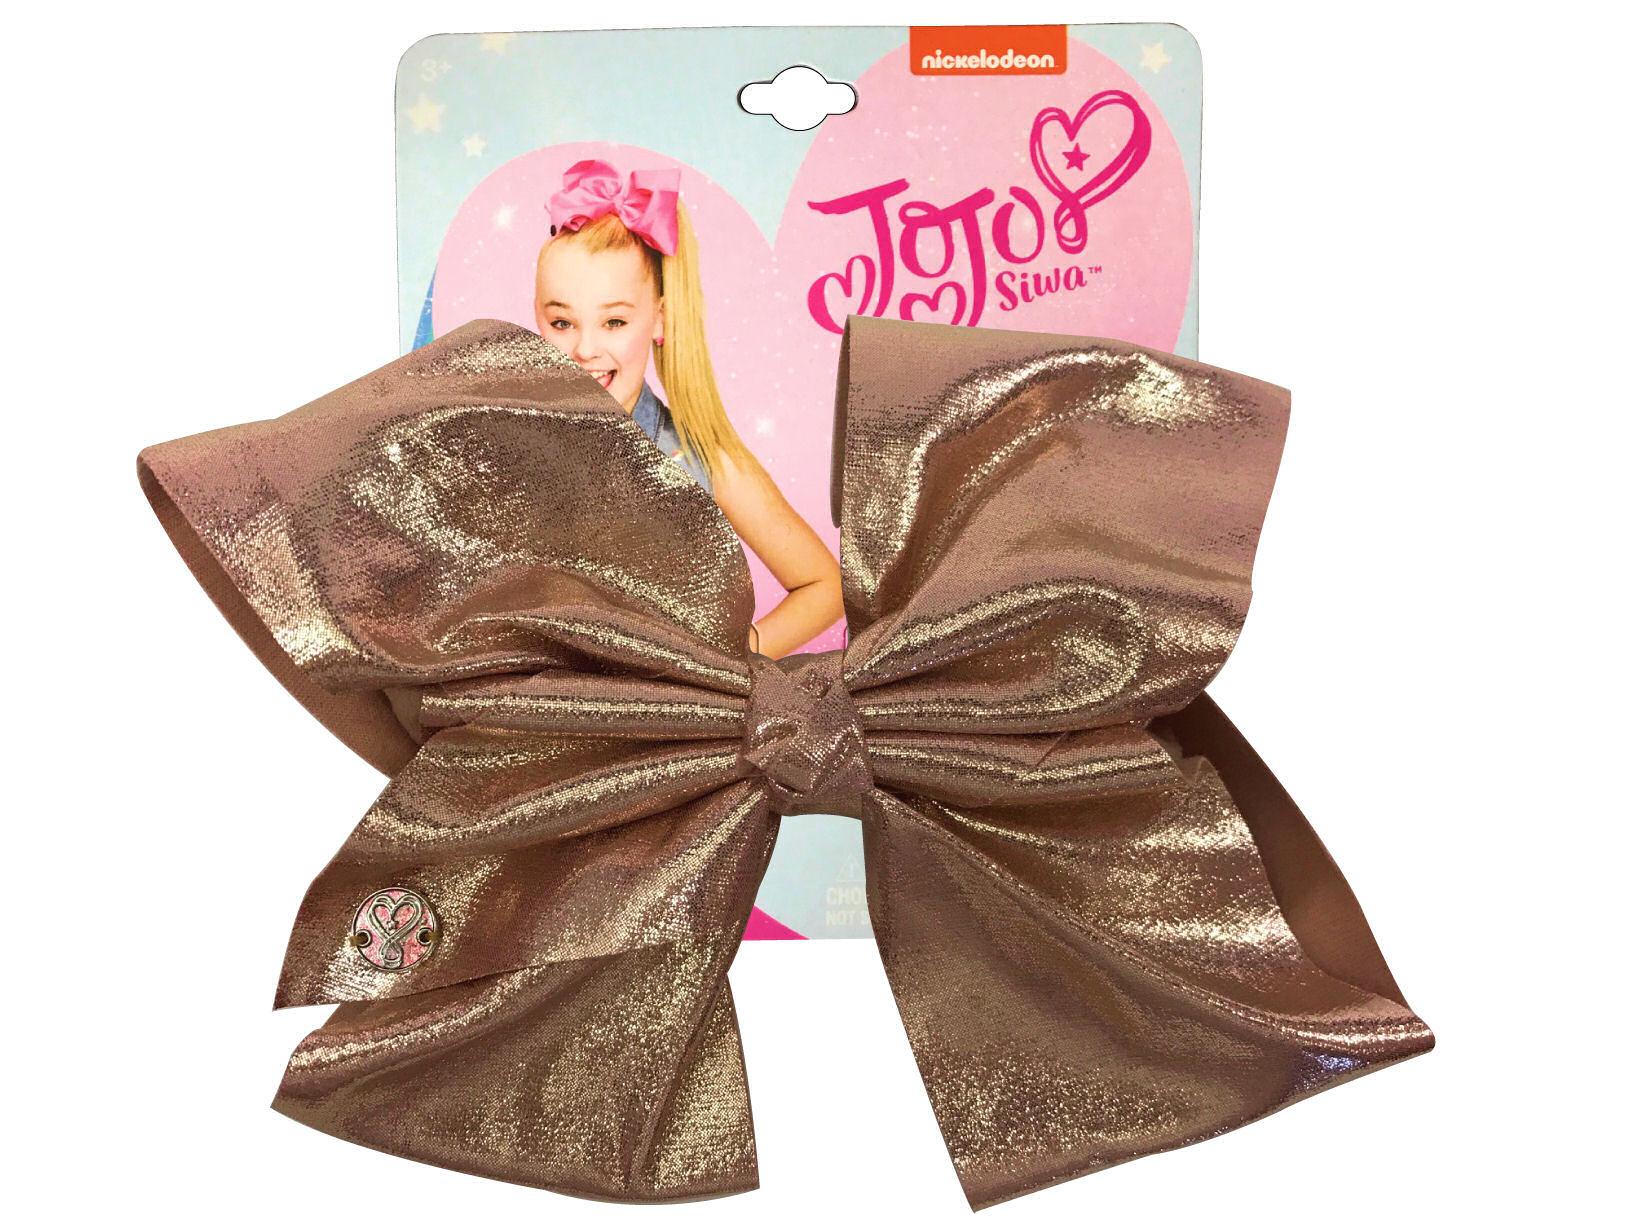 JoJo Siwa Large Cheer Hair Bow (Rose Gold Metalic)